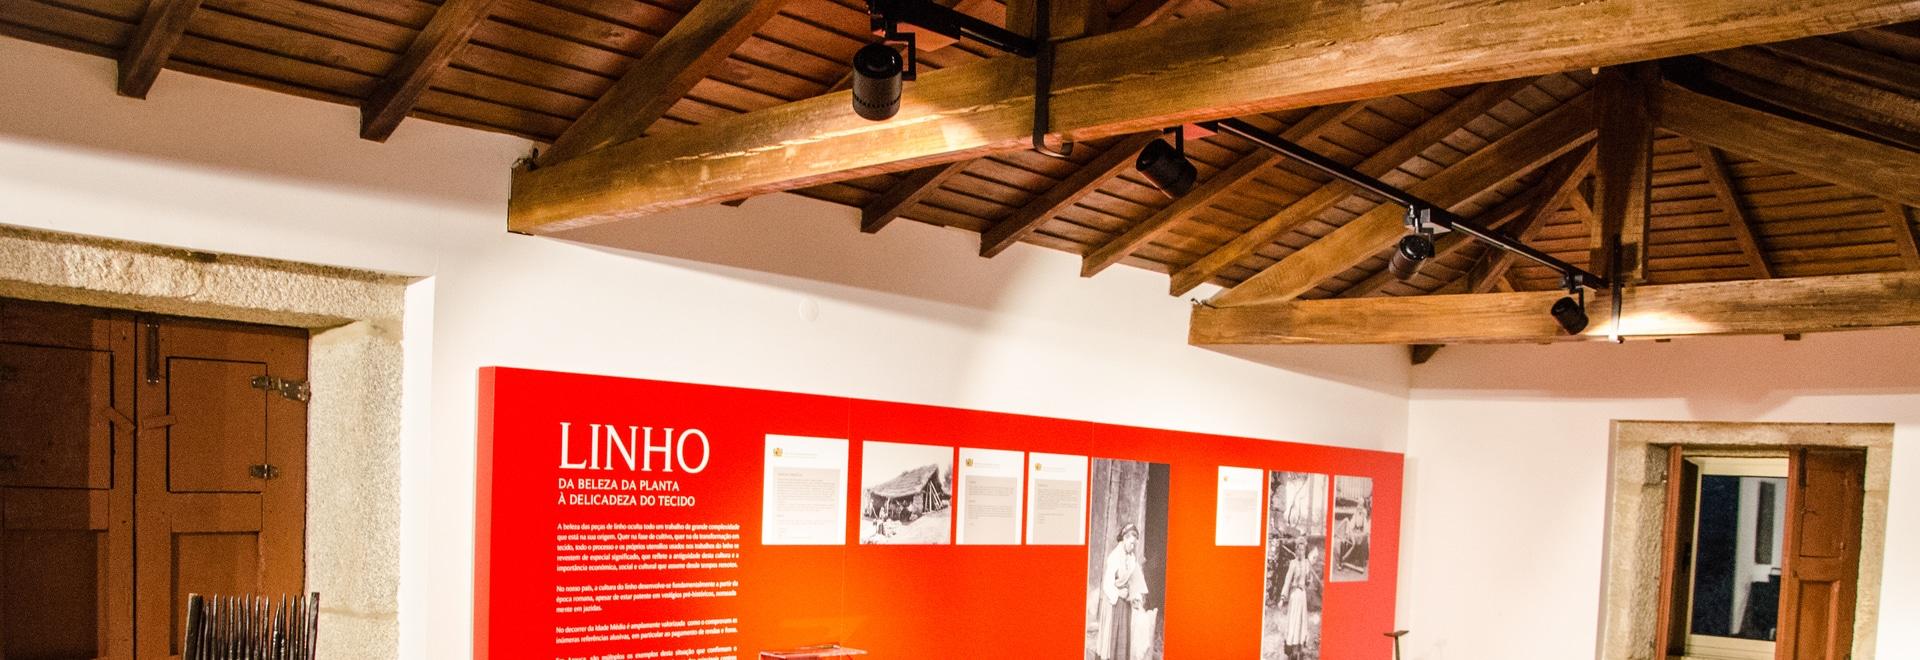 Le musée d'Urrô